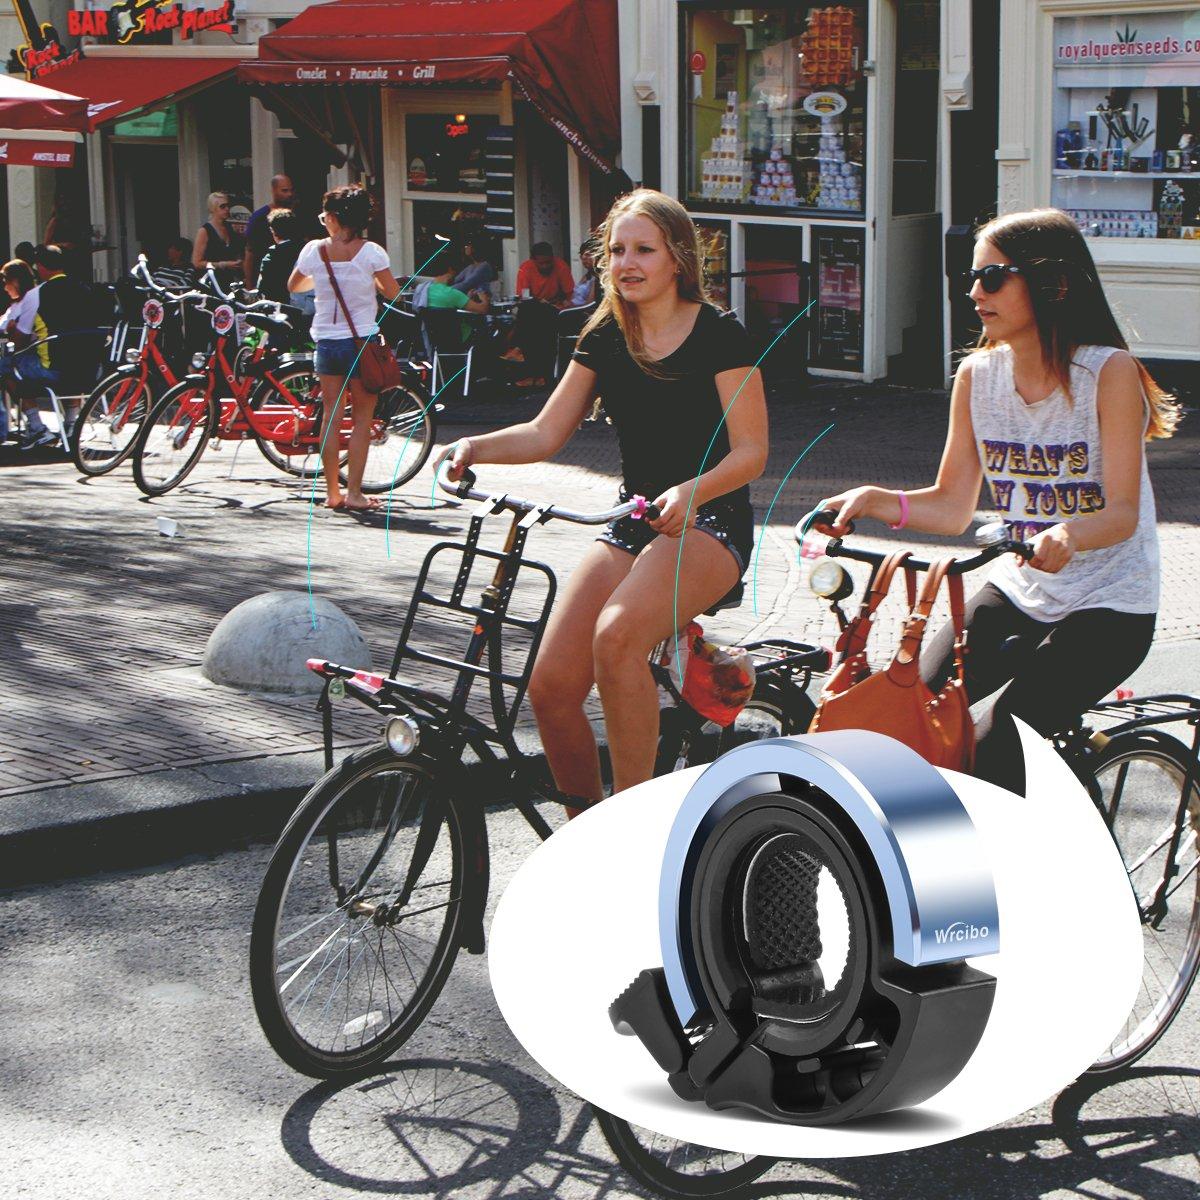 Timbre de bicicleta Bike Bell, Wrcibo Aluminio Timbre de Ciclismo Q diseño invisible para 24 - 31,8mm manillares Accesorios clásicos duradera bicicleta Bell - Azul: Amazon.es: Deportes y aire libre